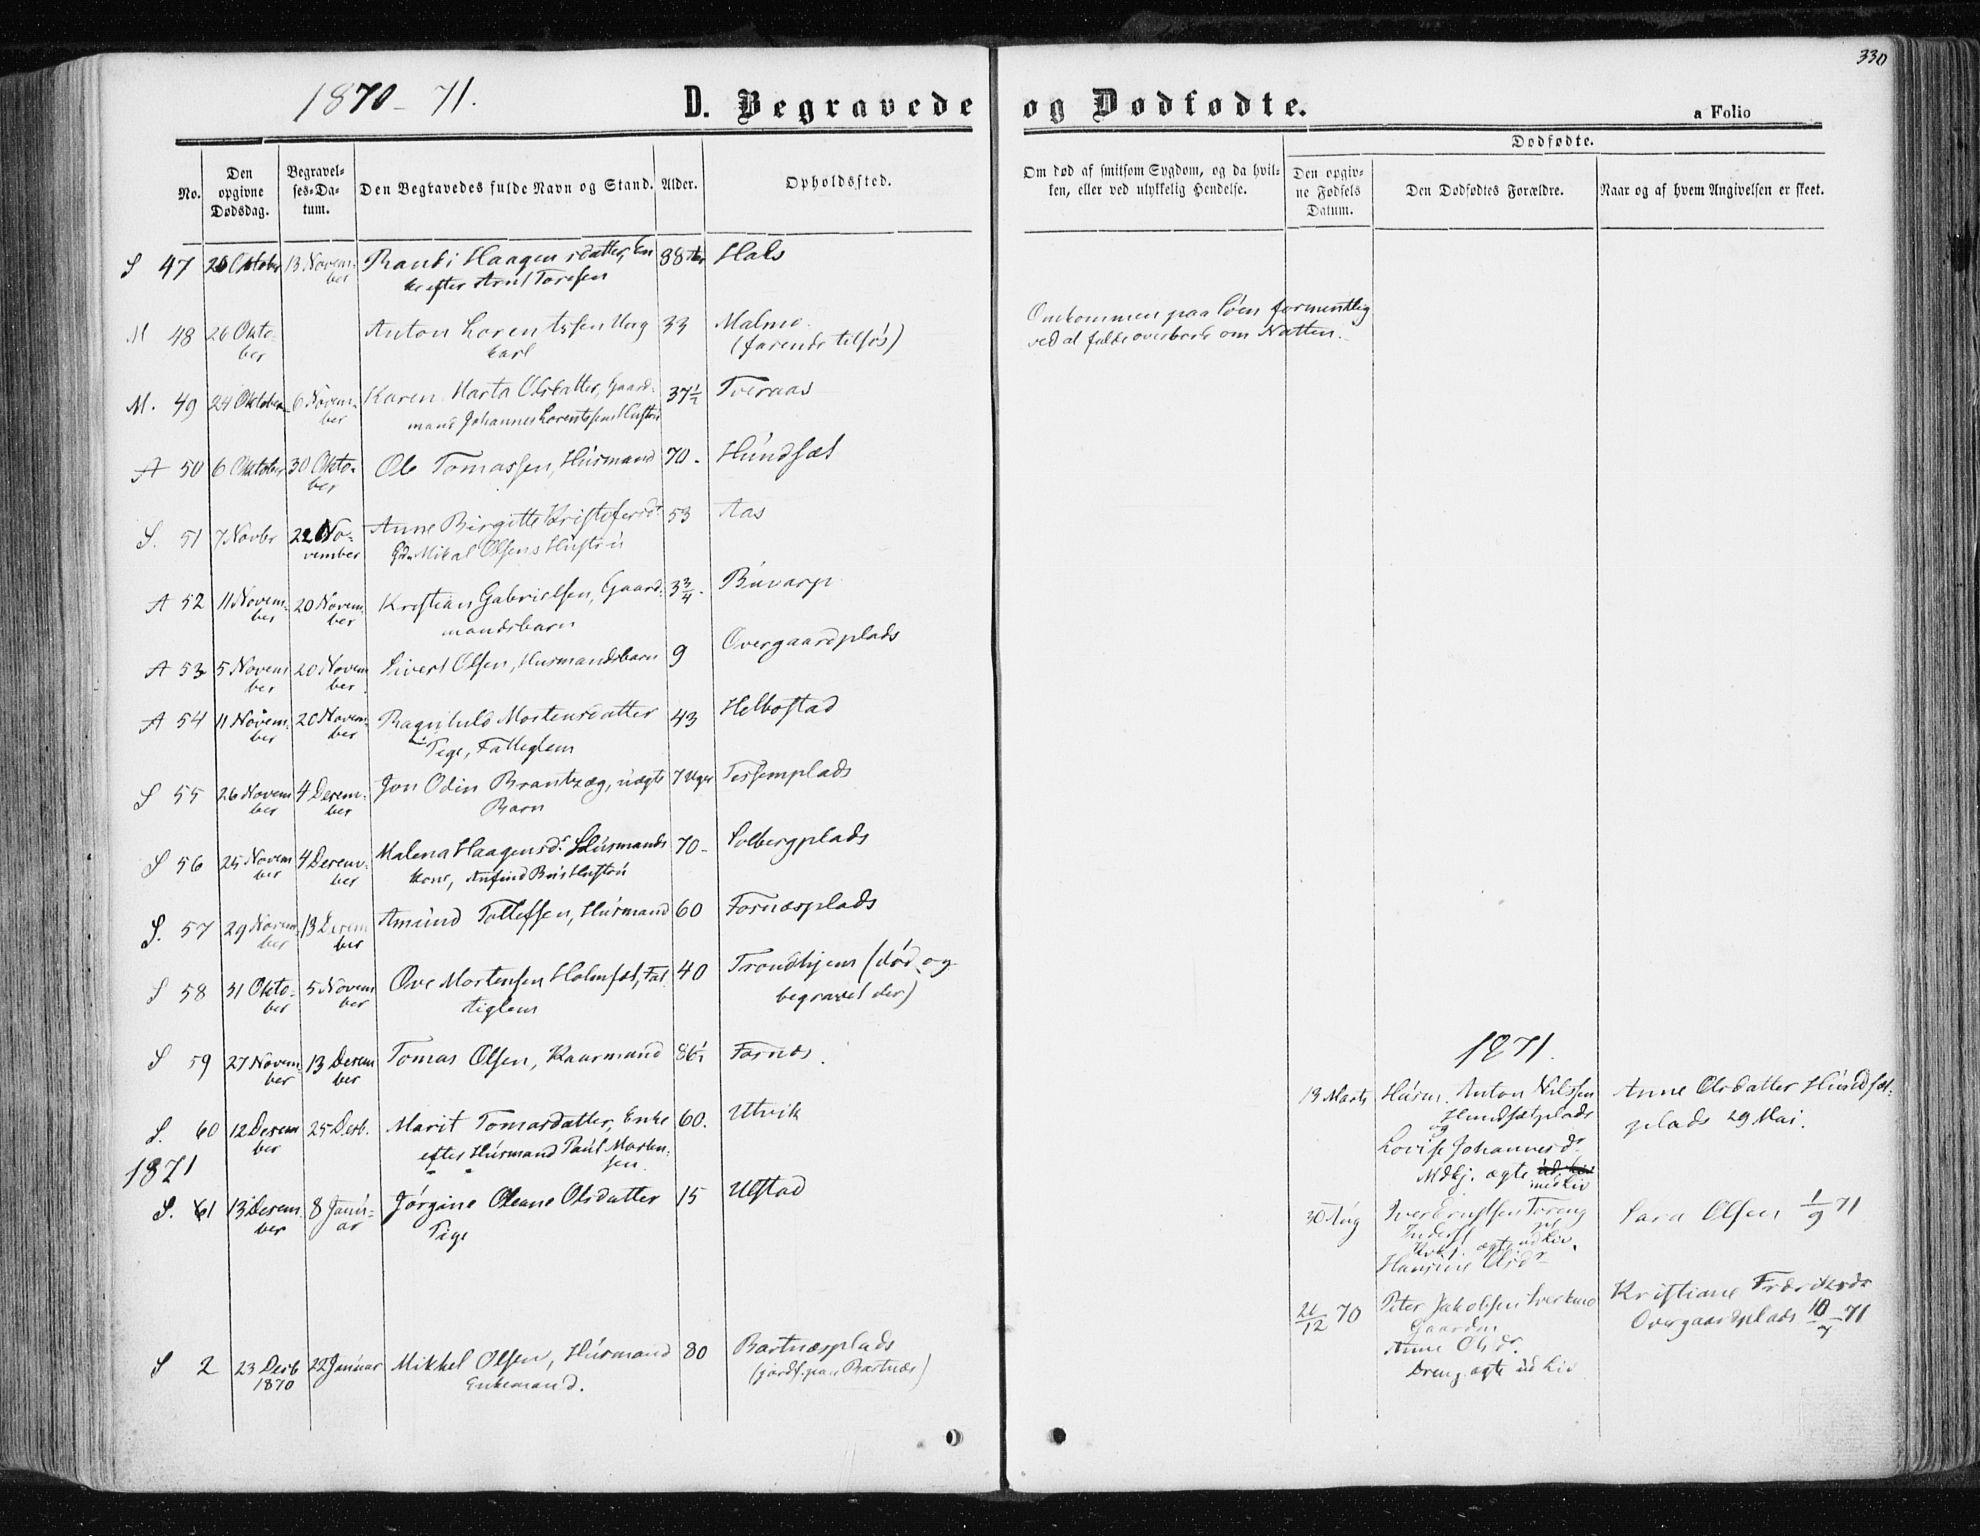 SAT, Ministerialprotokoller, klokkerbøker og fødselsregistre - Nord-Trøndelag, 741/L0394: Ministerialbok nr. 741A08, 1864-1877, s. 330